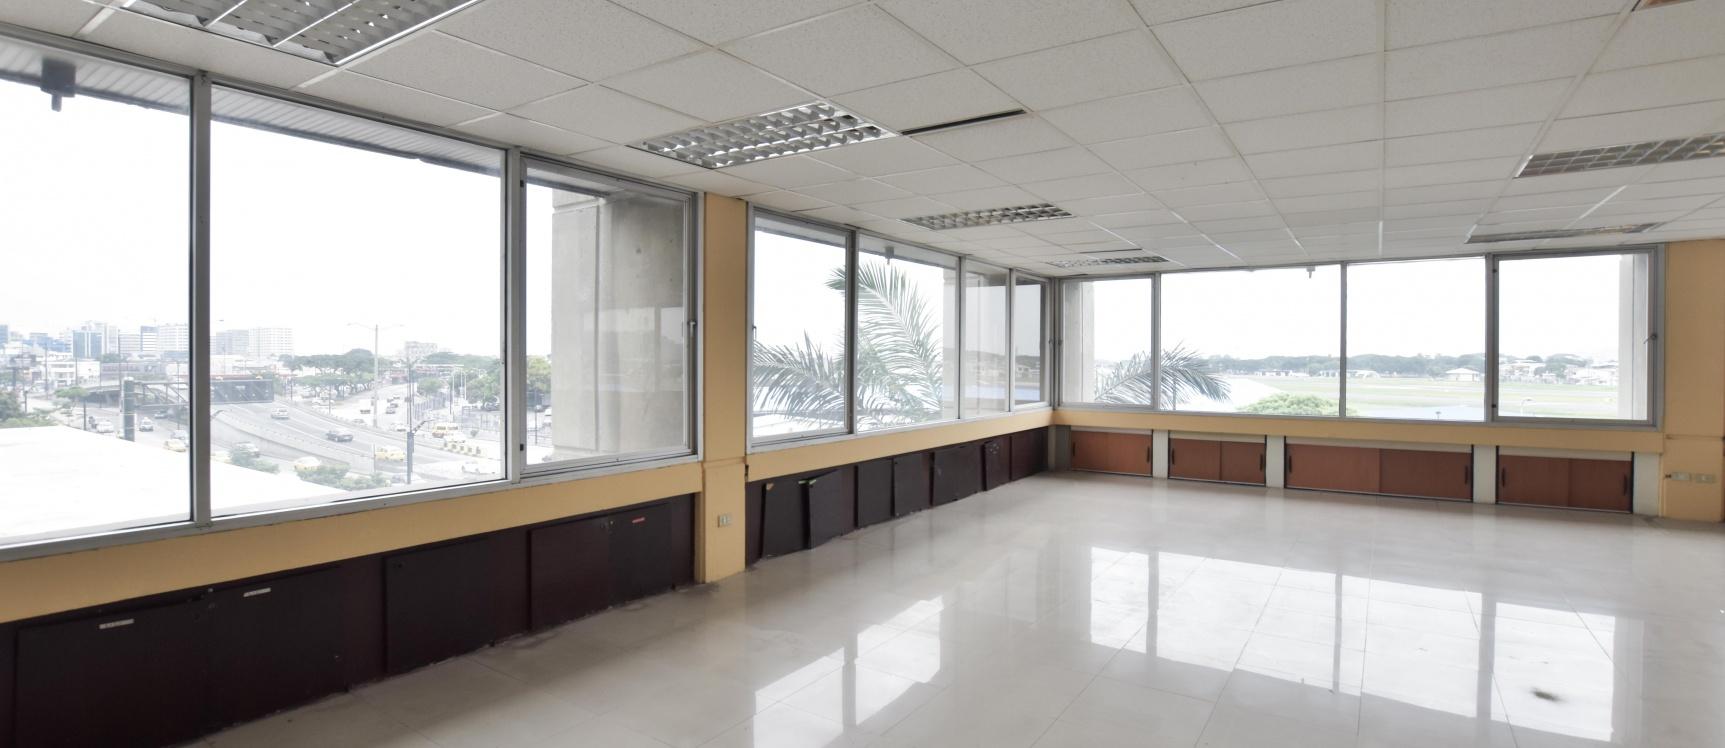 GeoBienes - Oficina en alquiler ubicada en el Edificio Mecanos - Plusvalia Guayaquil Casas de venta y alquiler Inmobiliaria Ecuador